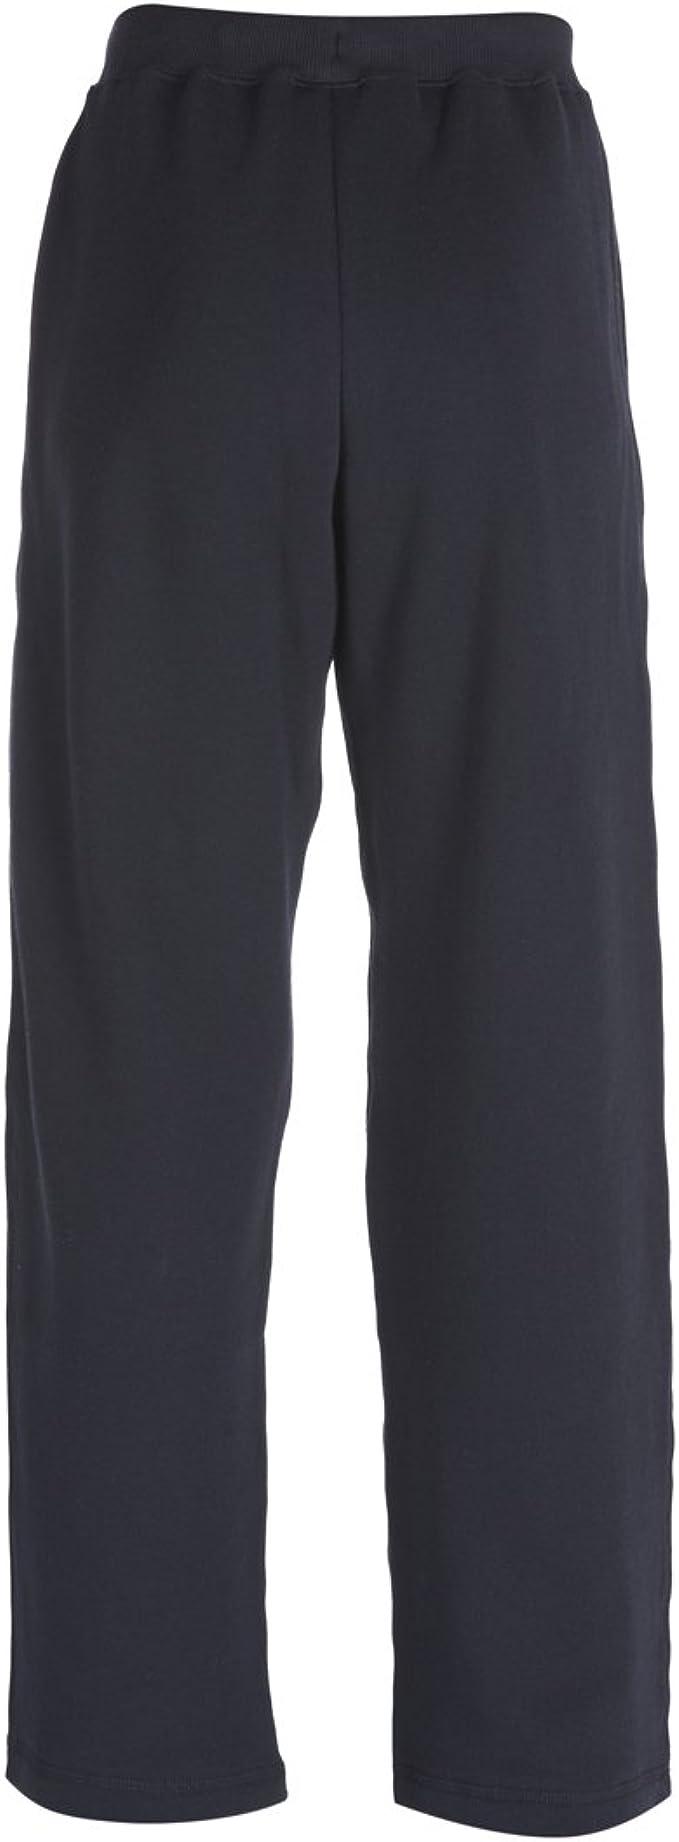 Canterbury - Pantalón de chándal para Hombre: Amazon.es: Ropa y ...